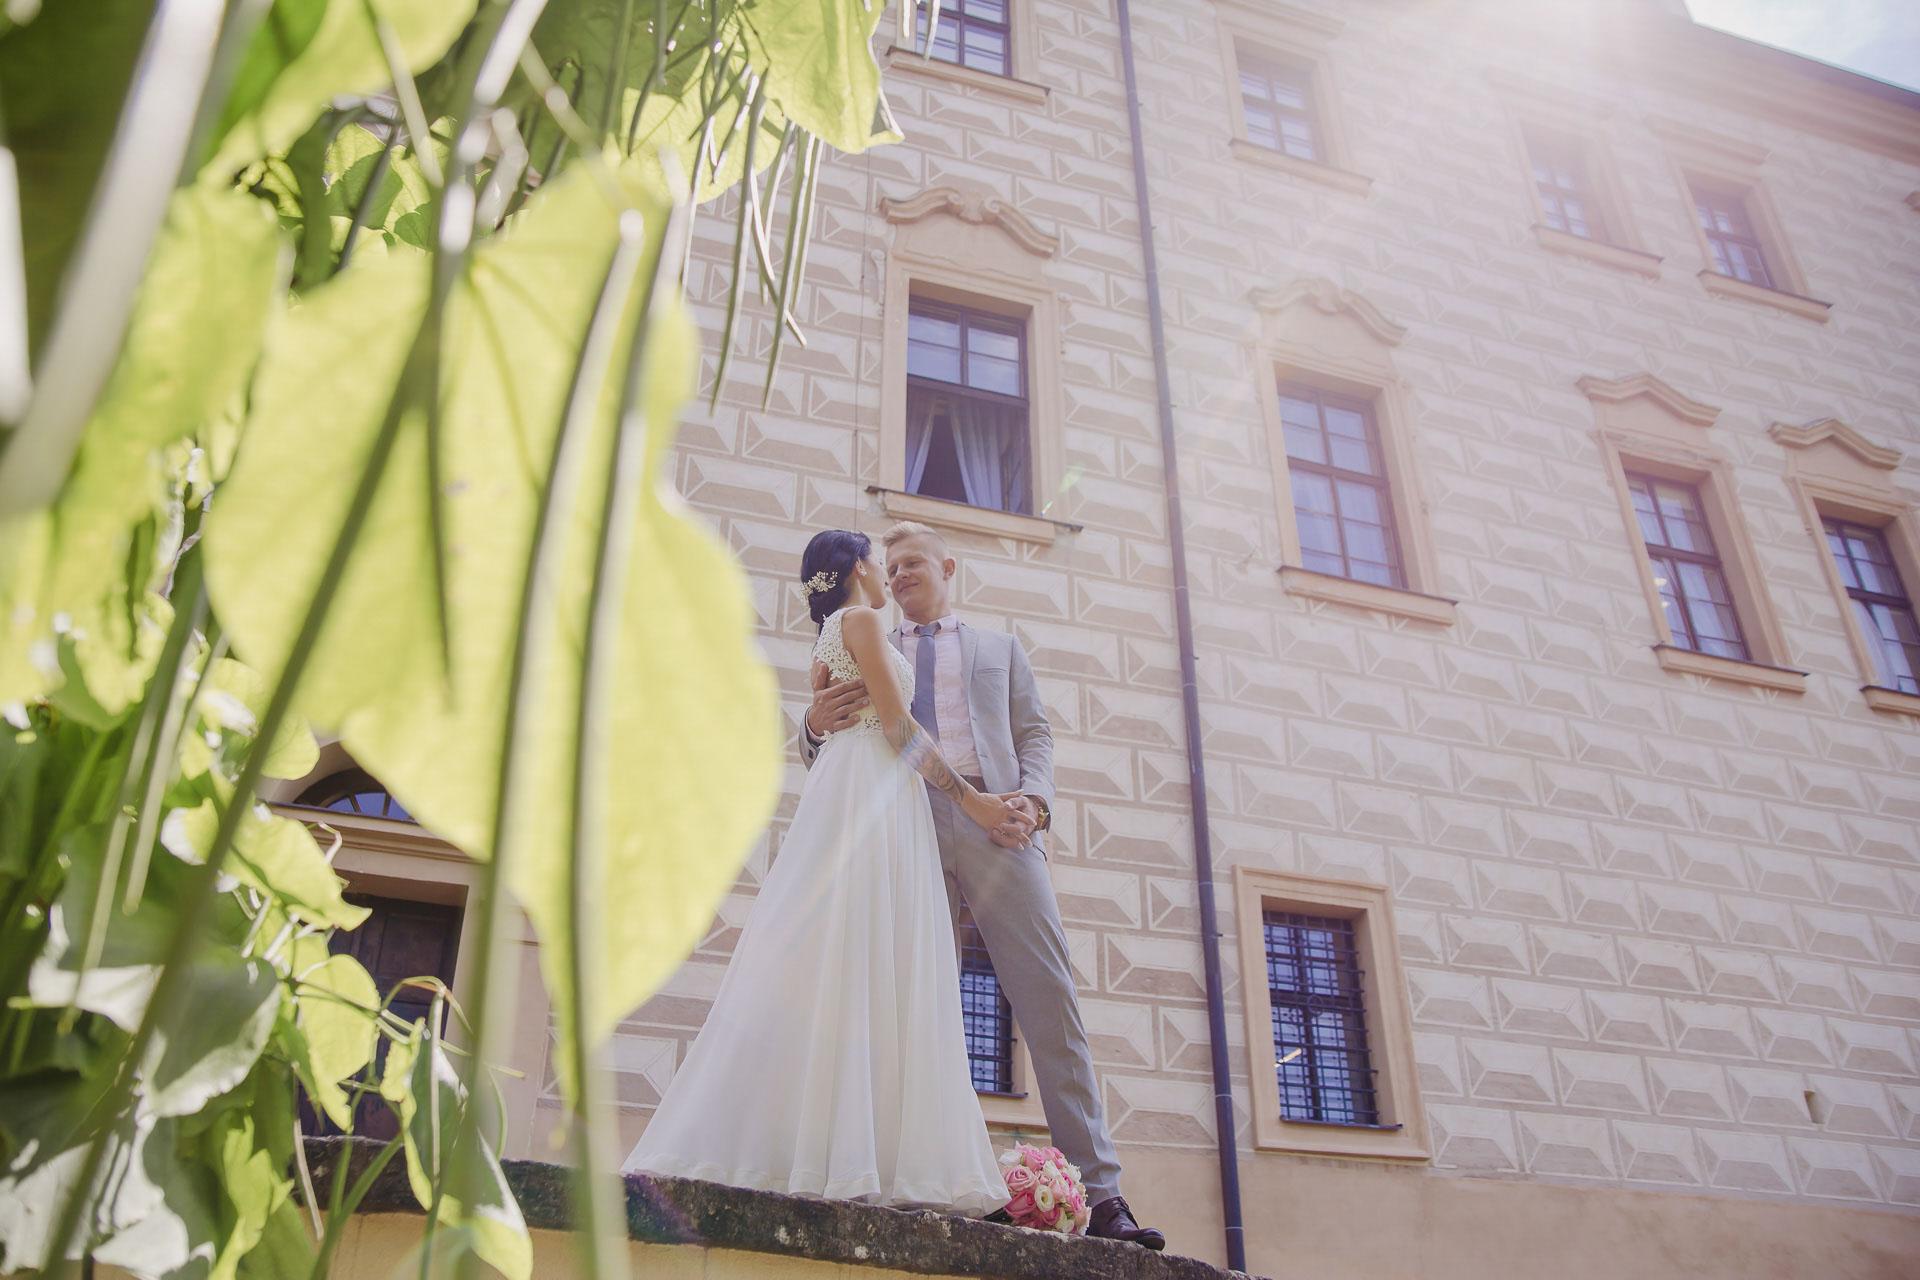 svatební-fotograf-zámek-Benátky-nad-Jizerou-Praha-134